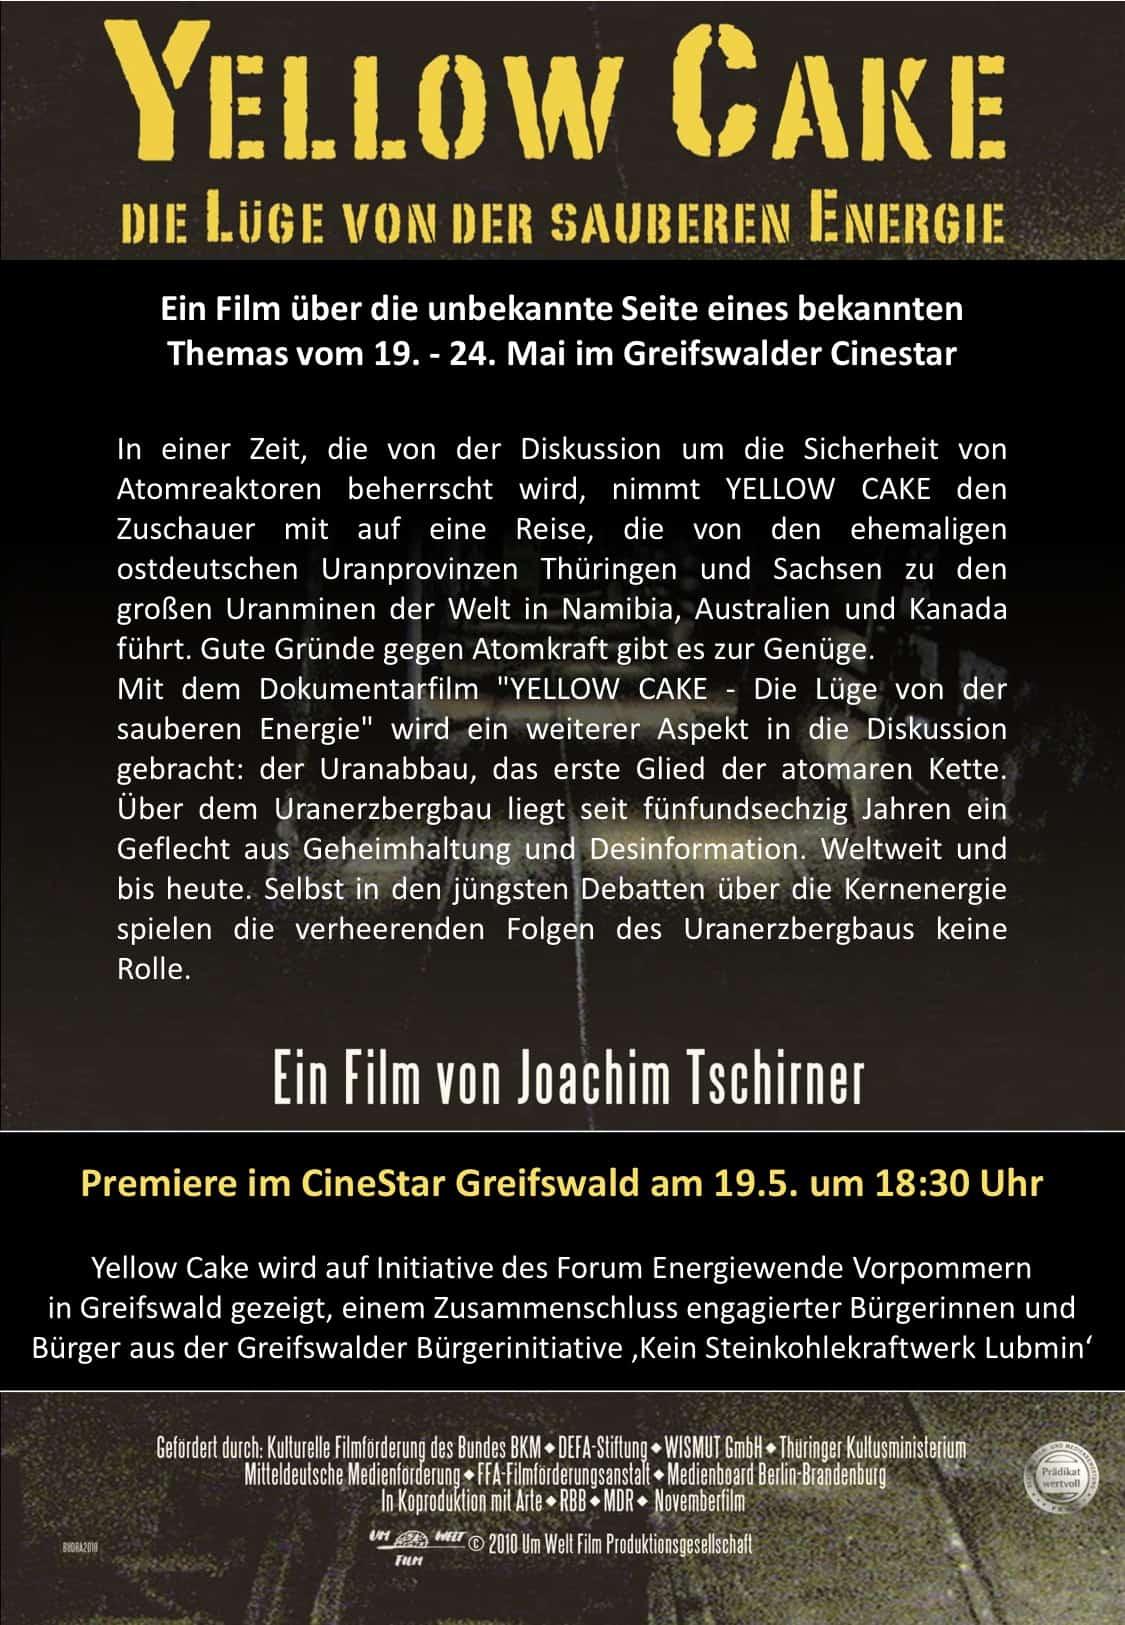 das Plakat zum Film